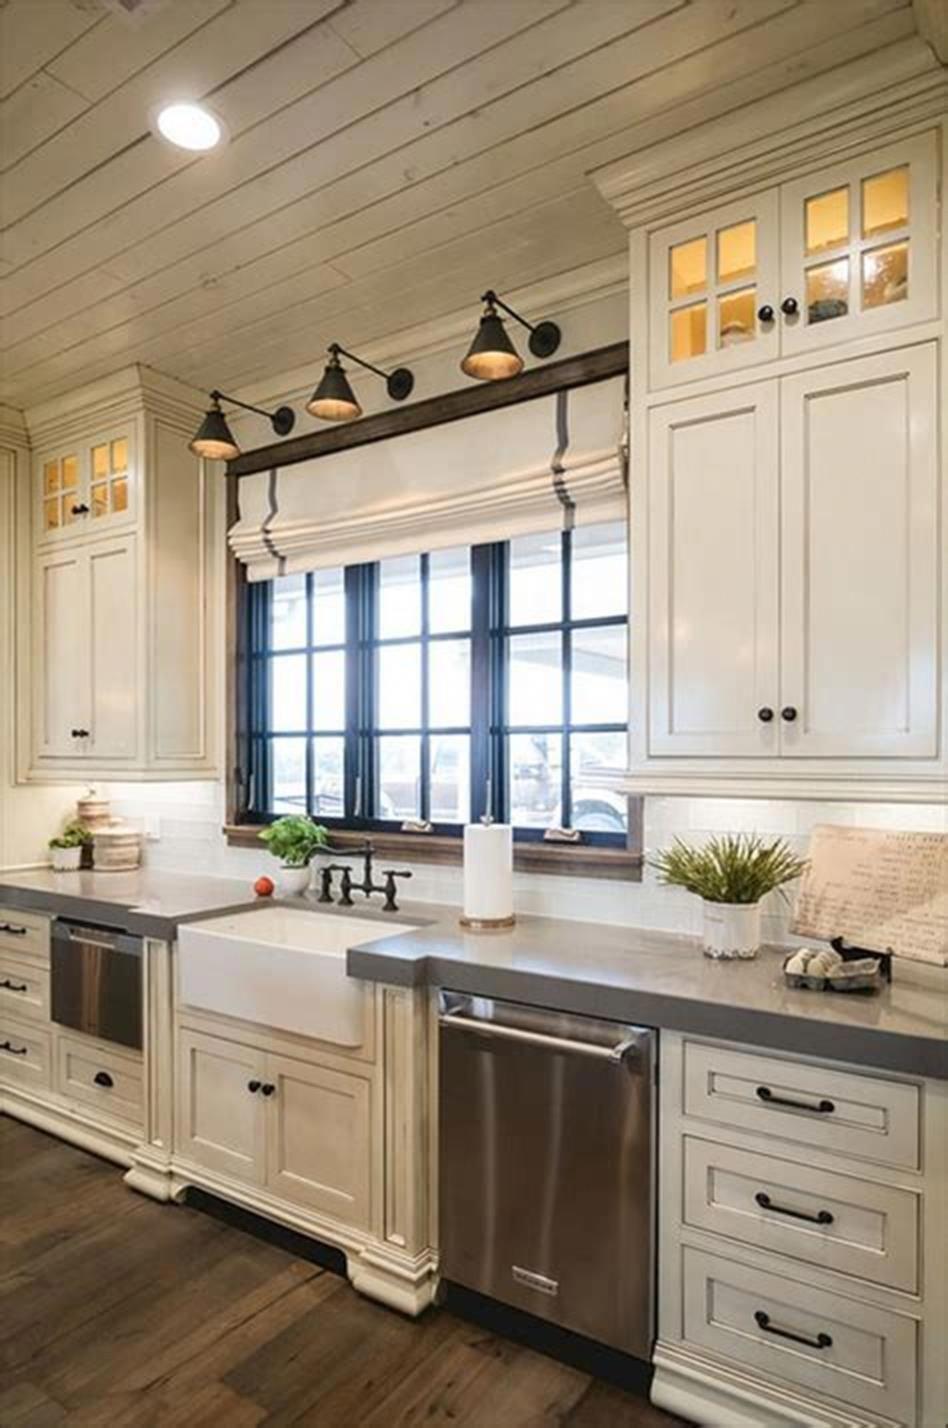 50 gorgeous modern farmhouse kitchen decorating ideas farmhouse kitchen decor kitchen on farmhouse kitchen kitchen id=83582